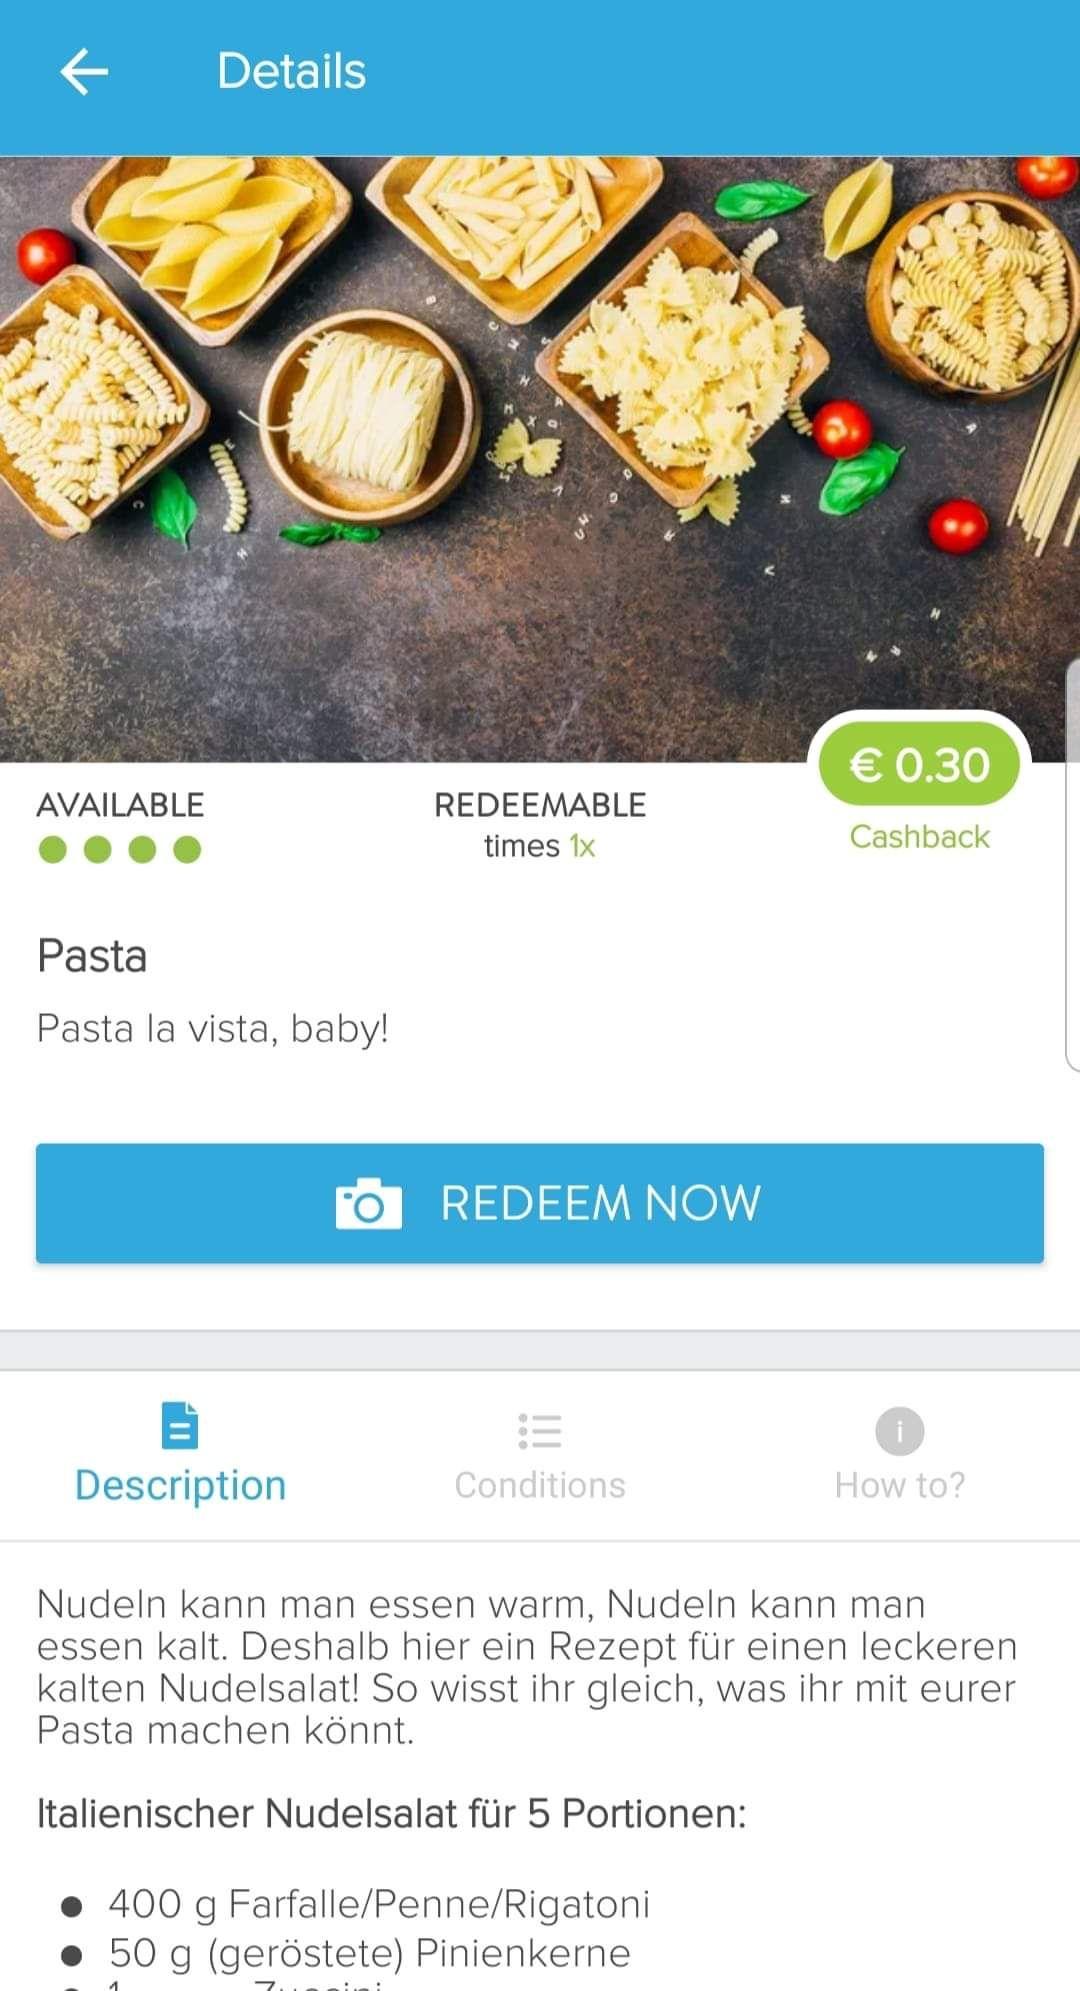 [Marktguru] 0,30€ Cashback  auf Pasta z.B. JA! Nudeln 500g für 0,09€